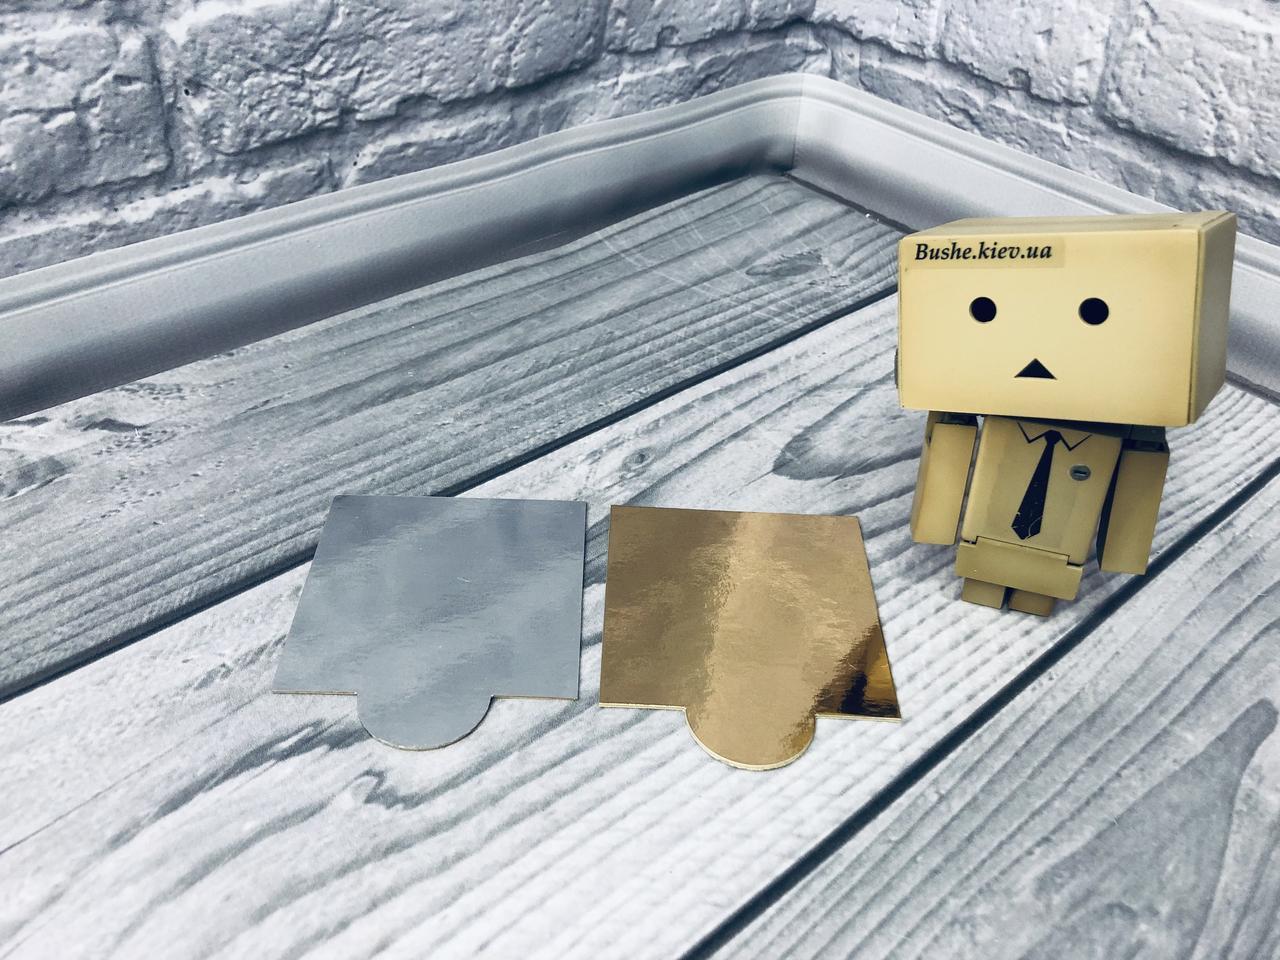 *100 шт* / Подложка под пирожное 7х7см-РУЧ, Золото-серебро, 70х70мм/мин 100 шт